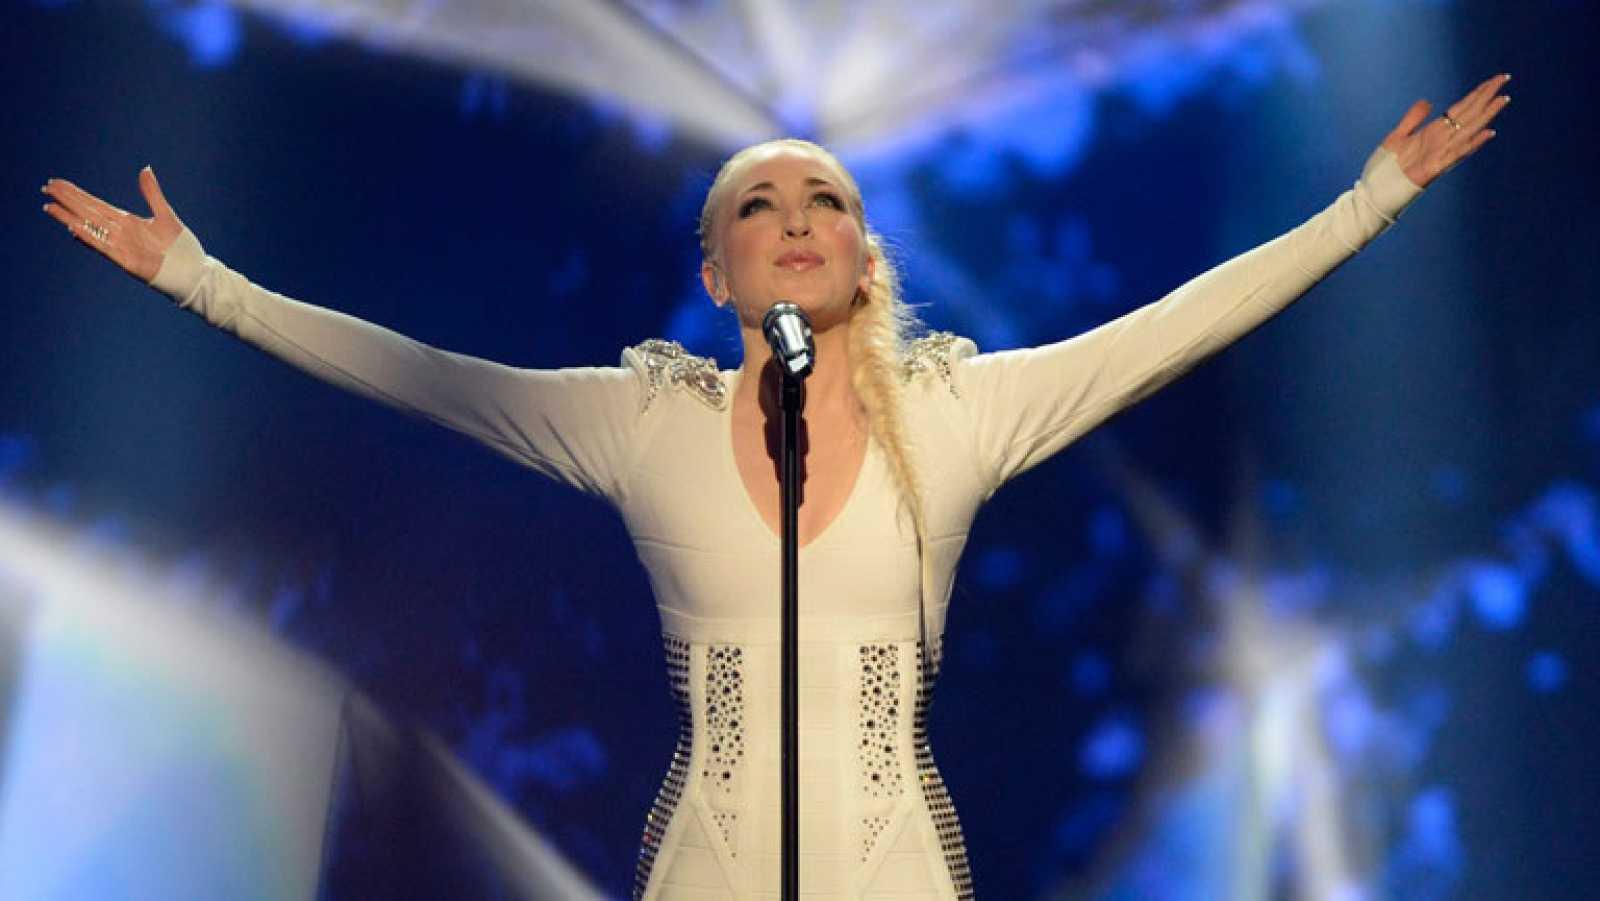 Segunda semifinal de Eurovisión 2013 - Noruega